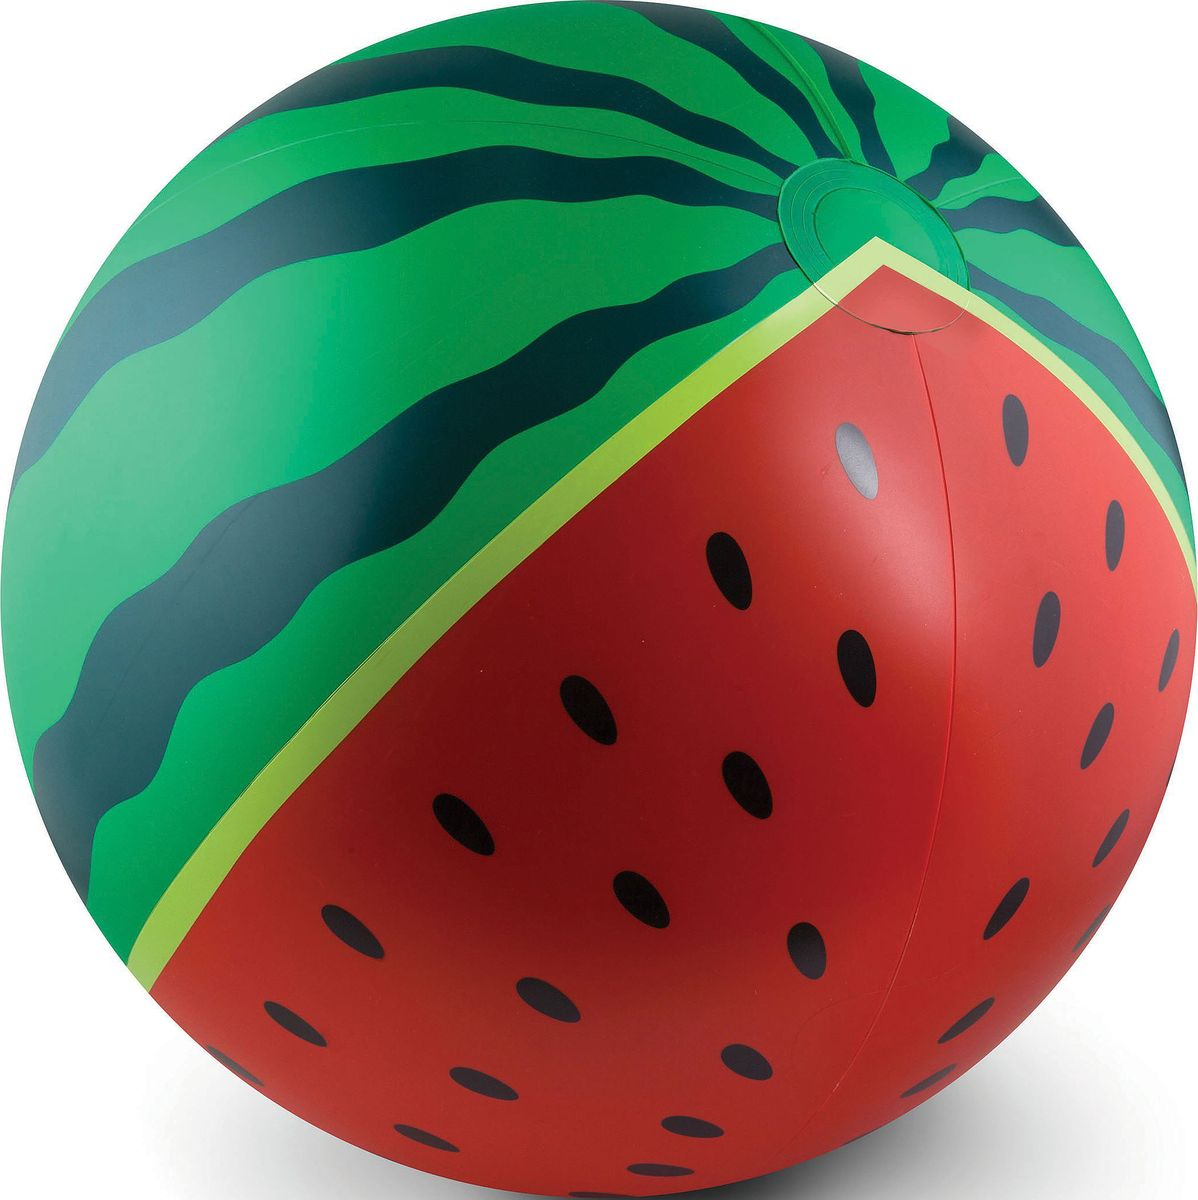 Мяч надувной BigMouth Watermelon, 46 смBM1518С надувными мячами Big Mouth вы сможете снова окунуться в атмосферу беззаботного детства. Это яркие и незаурядные изделия для детей и взрослых, которые станут достойным украшением любой пляжной вечеринки. Порадуйте себя, своих родных и друзей, устроив веселые игры на свежем воздухе: у бассейна, речки, на пруду или на берегу моря. Это прекрасная возможность разнообразить летний отдых, активно провести время и подарить своим близким незабываемые эмоции. Изделия выполнены из особо прочного винила, за счет чего обладают повышенной прочностью и износостойкостью. Благодаря улучшенной технике печати они отлично переносят длительное воздействие ультрафиолета, не теряя яркость цветов. При производстве компания уделяет пристальное внимание качеству и безопасности плавательных аксессуаров, поэтому каждый продукт проходит тщательные проверки и испытания на прочность.